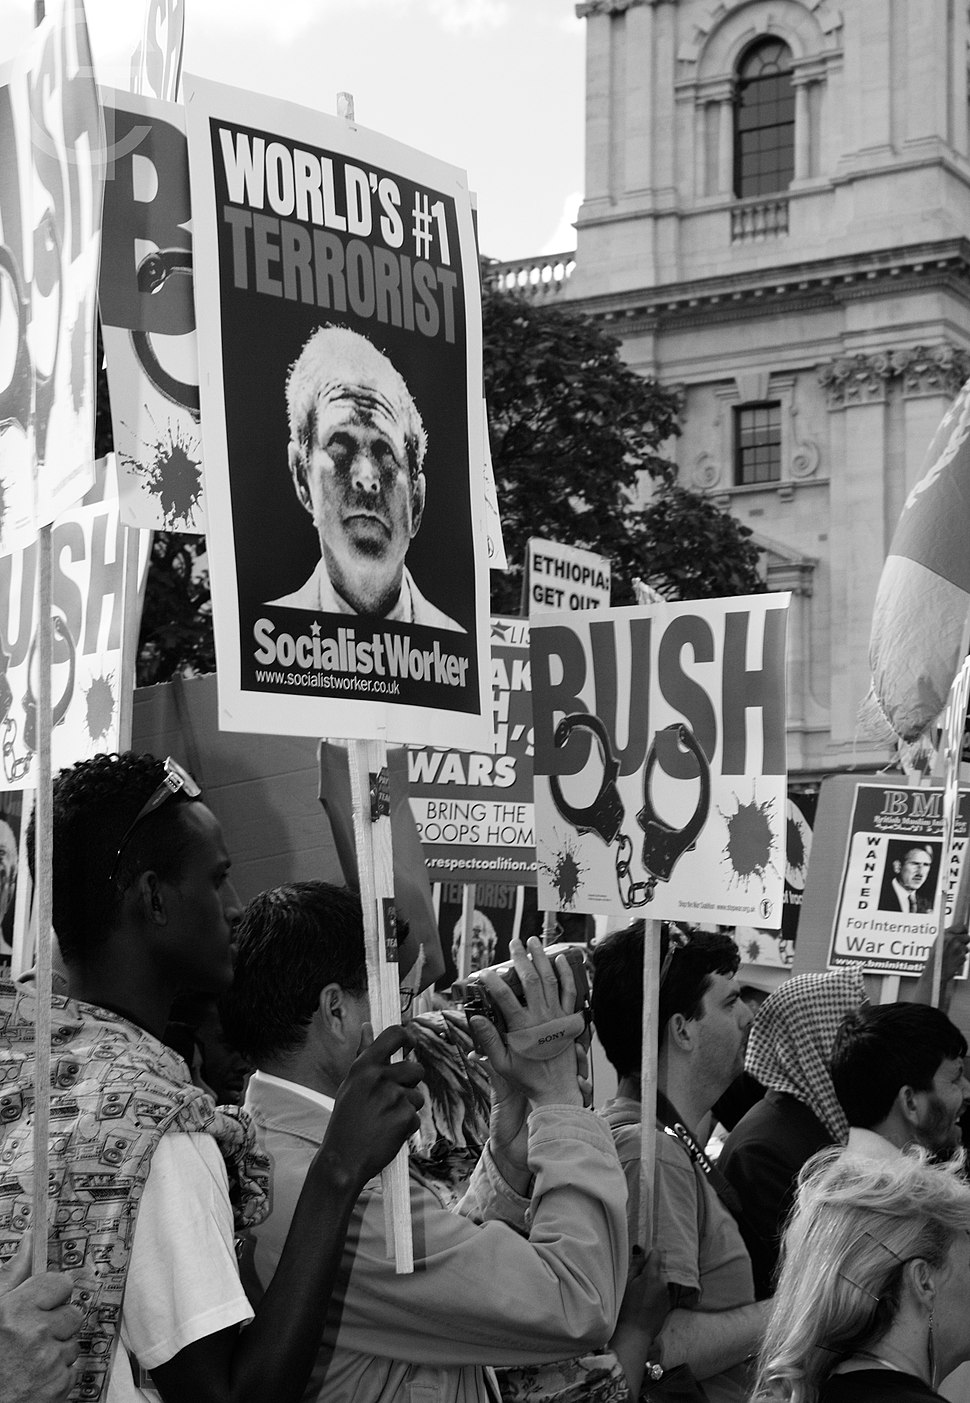 UK Anti Bush visit protest